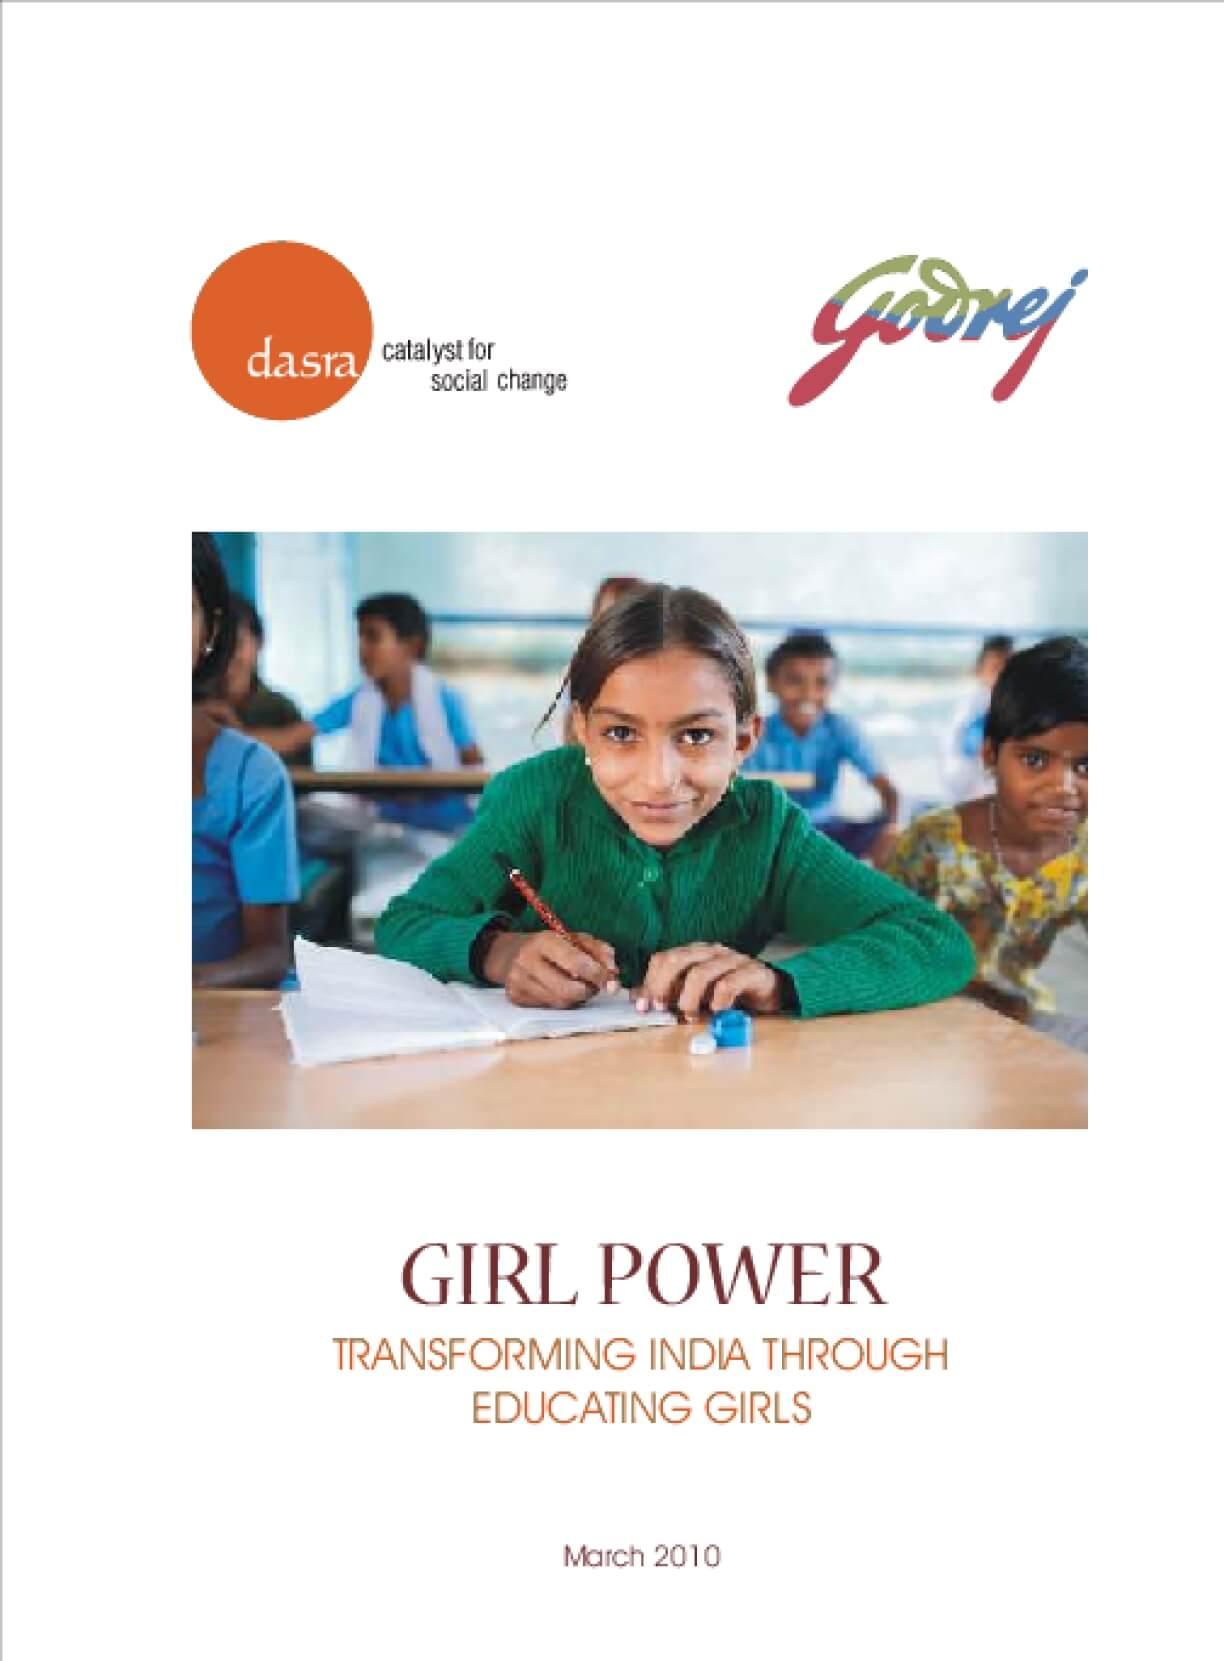 Girl Power: Transforming India Through Educating Girls